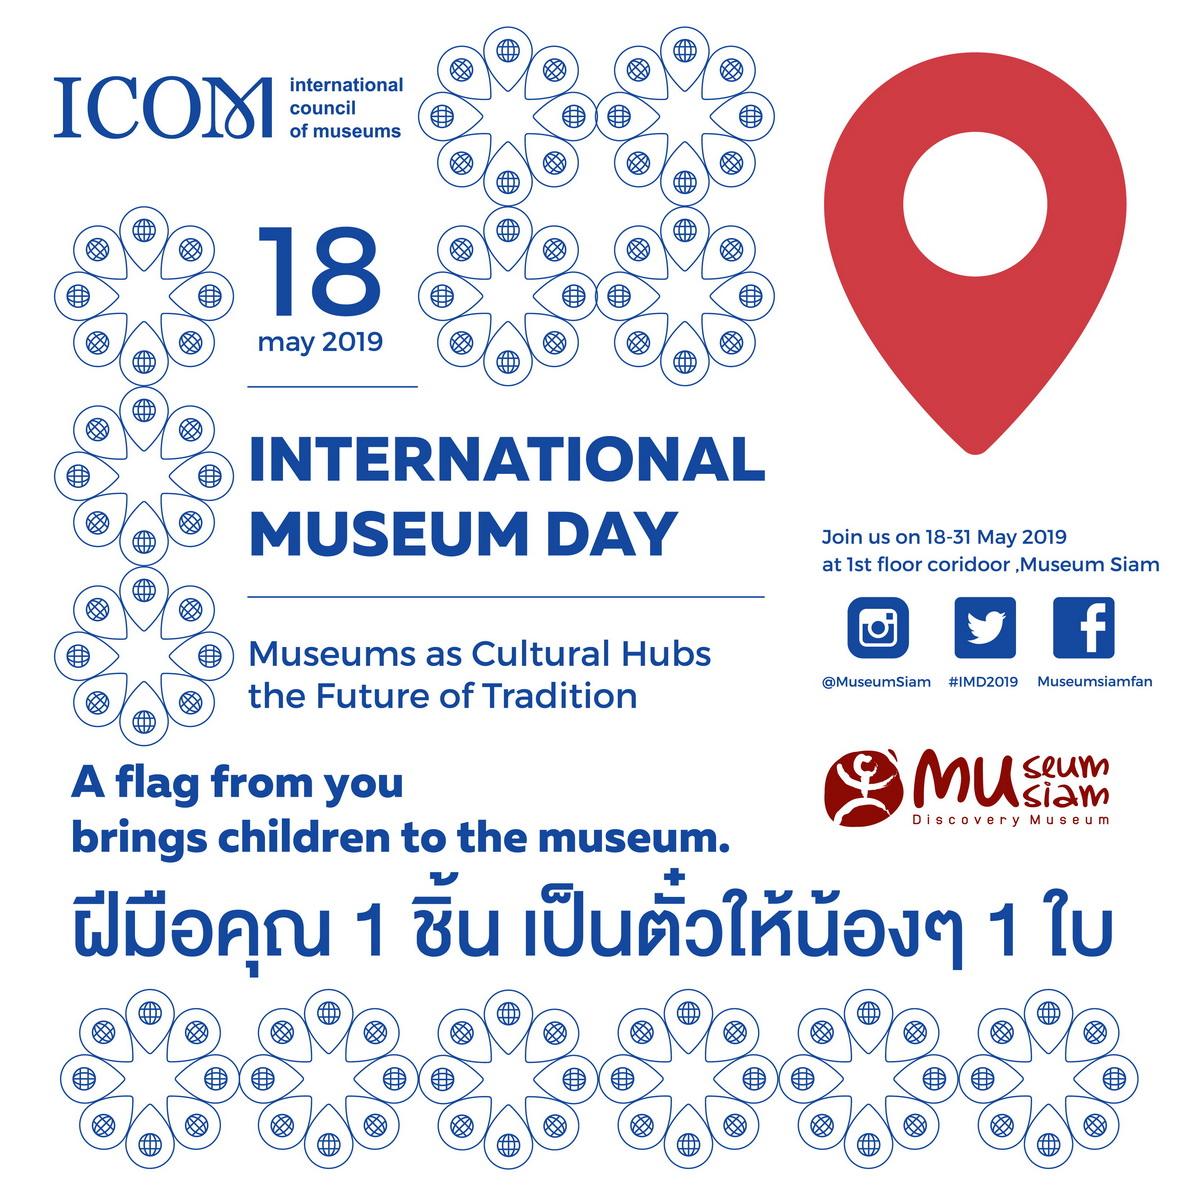 มิวเซียมสยาม ชวนประดิษฐ์เครื่องแขวน เนื่องในวันพิพิธภัณฑ์สากล 13 -